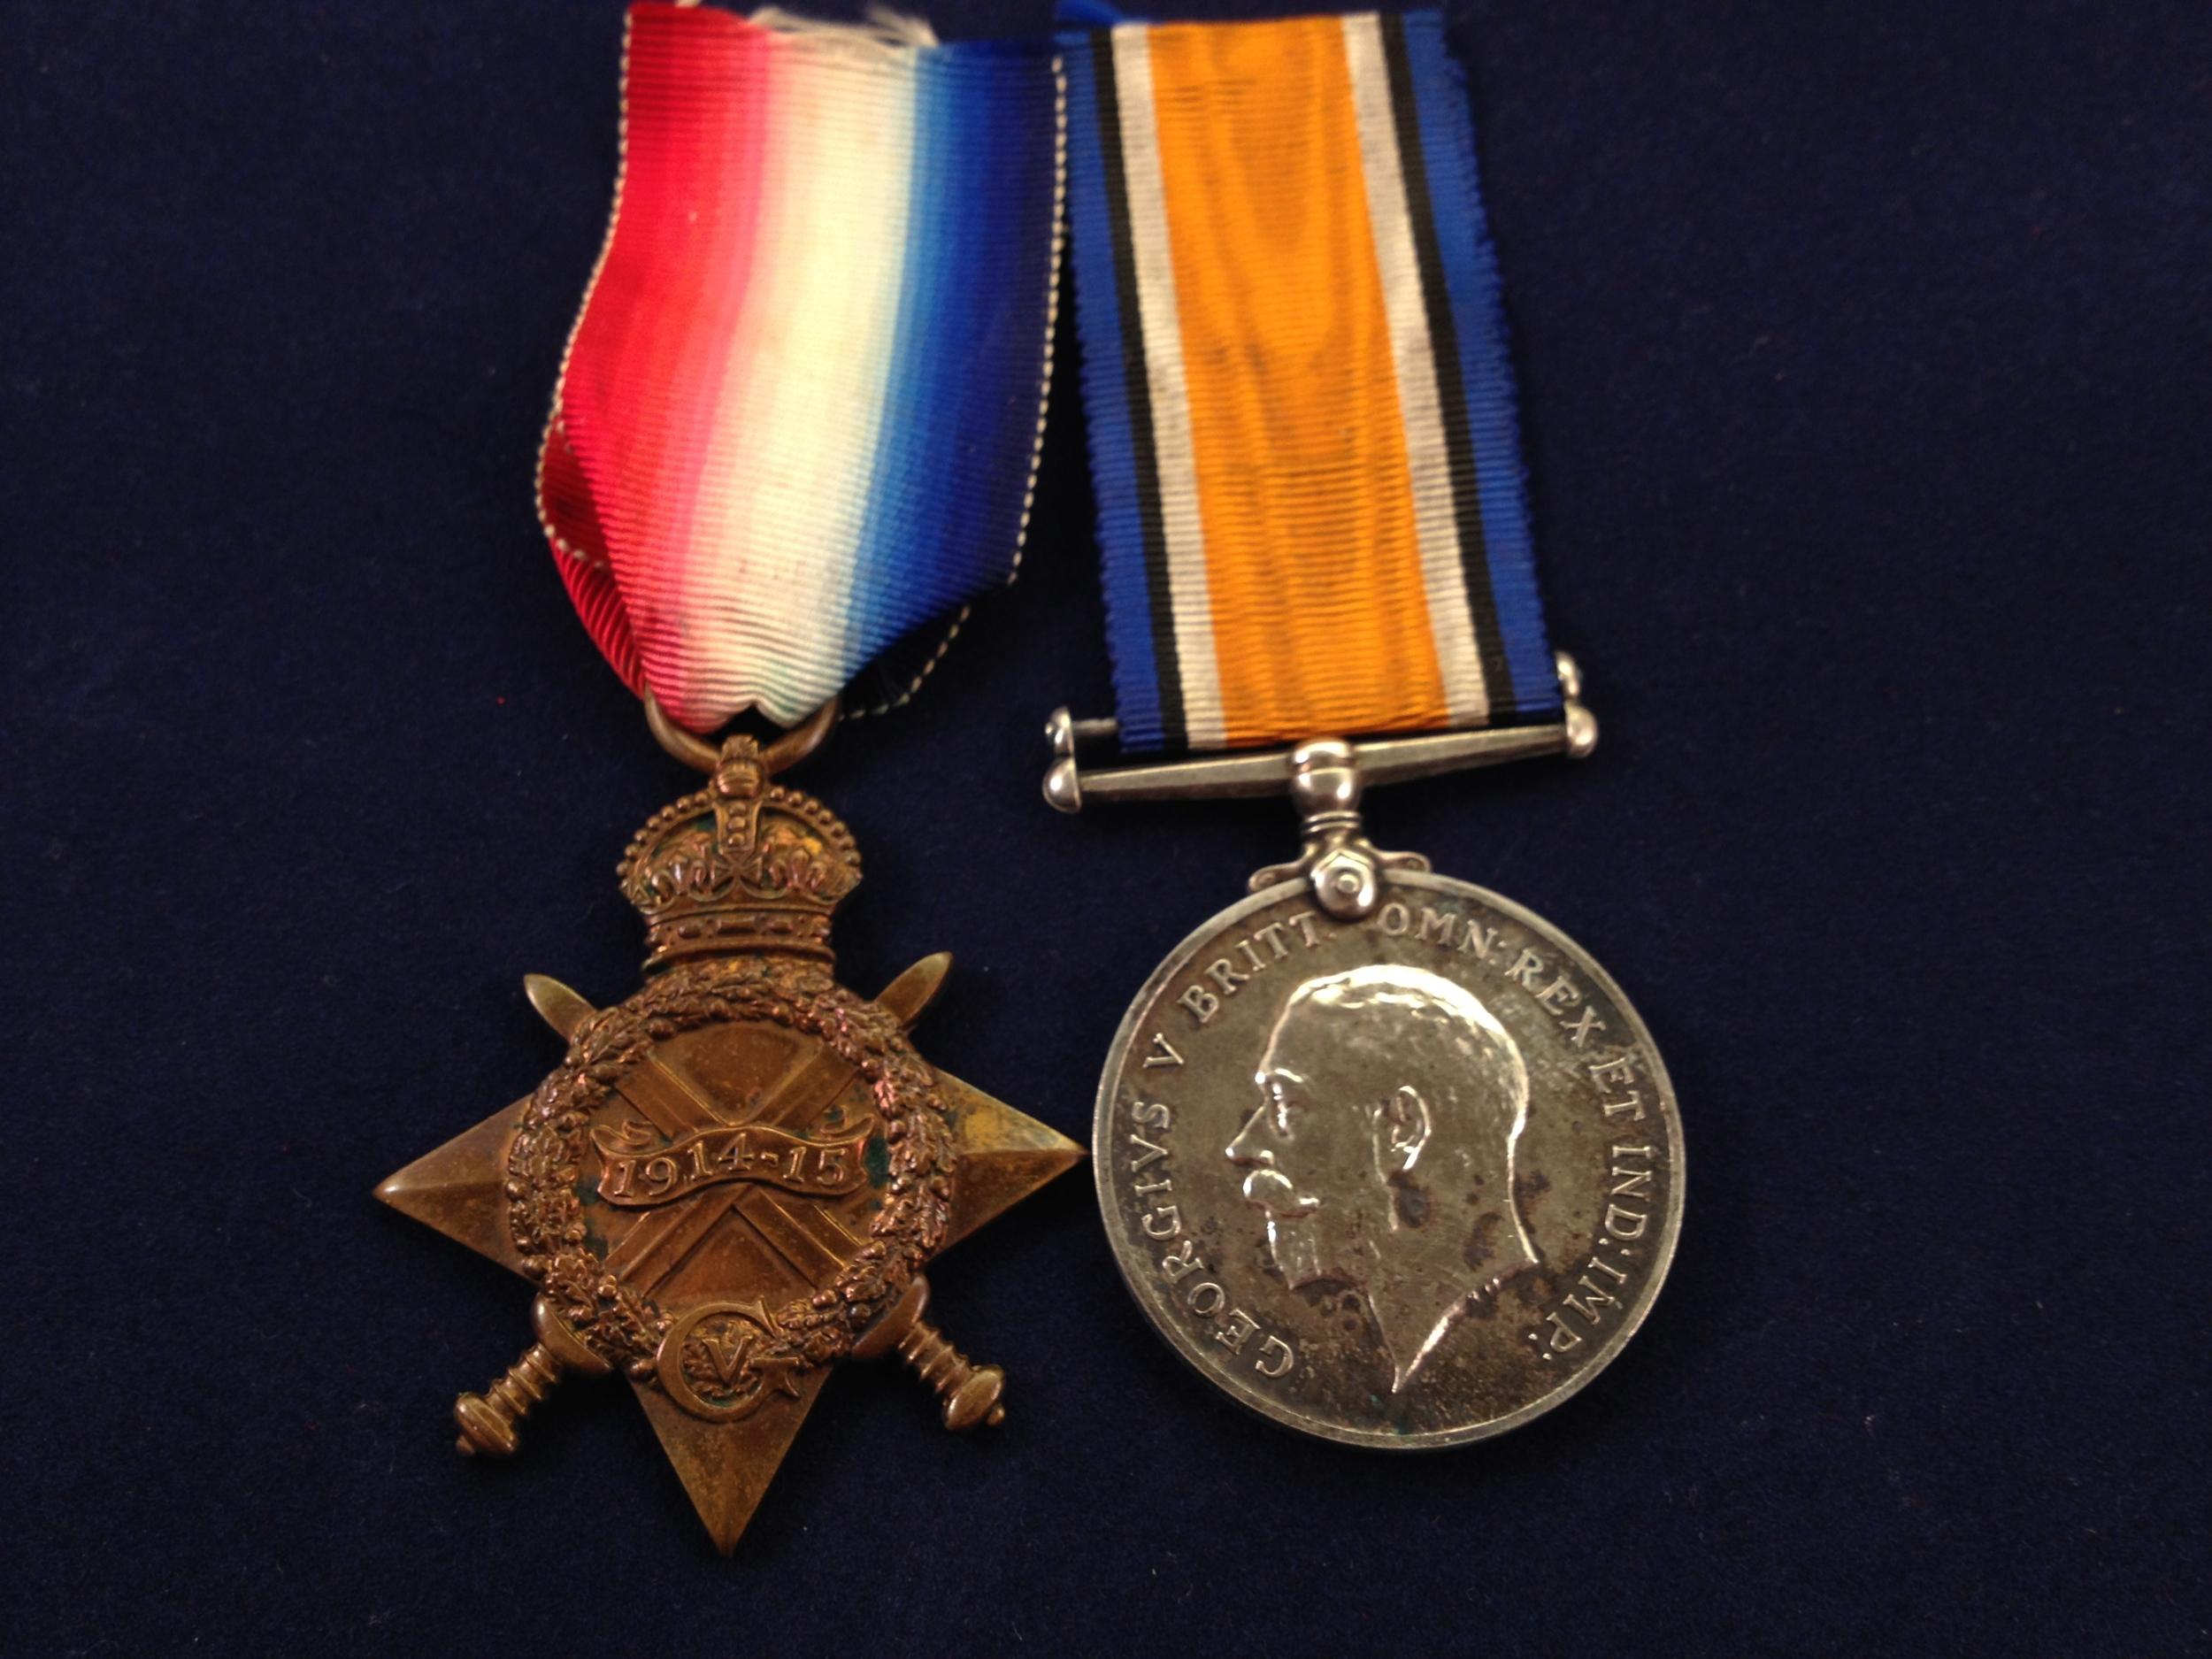 Herbert Chisnall medals 1.jpg